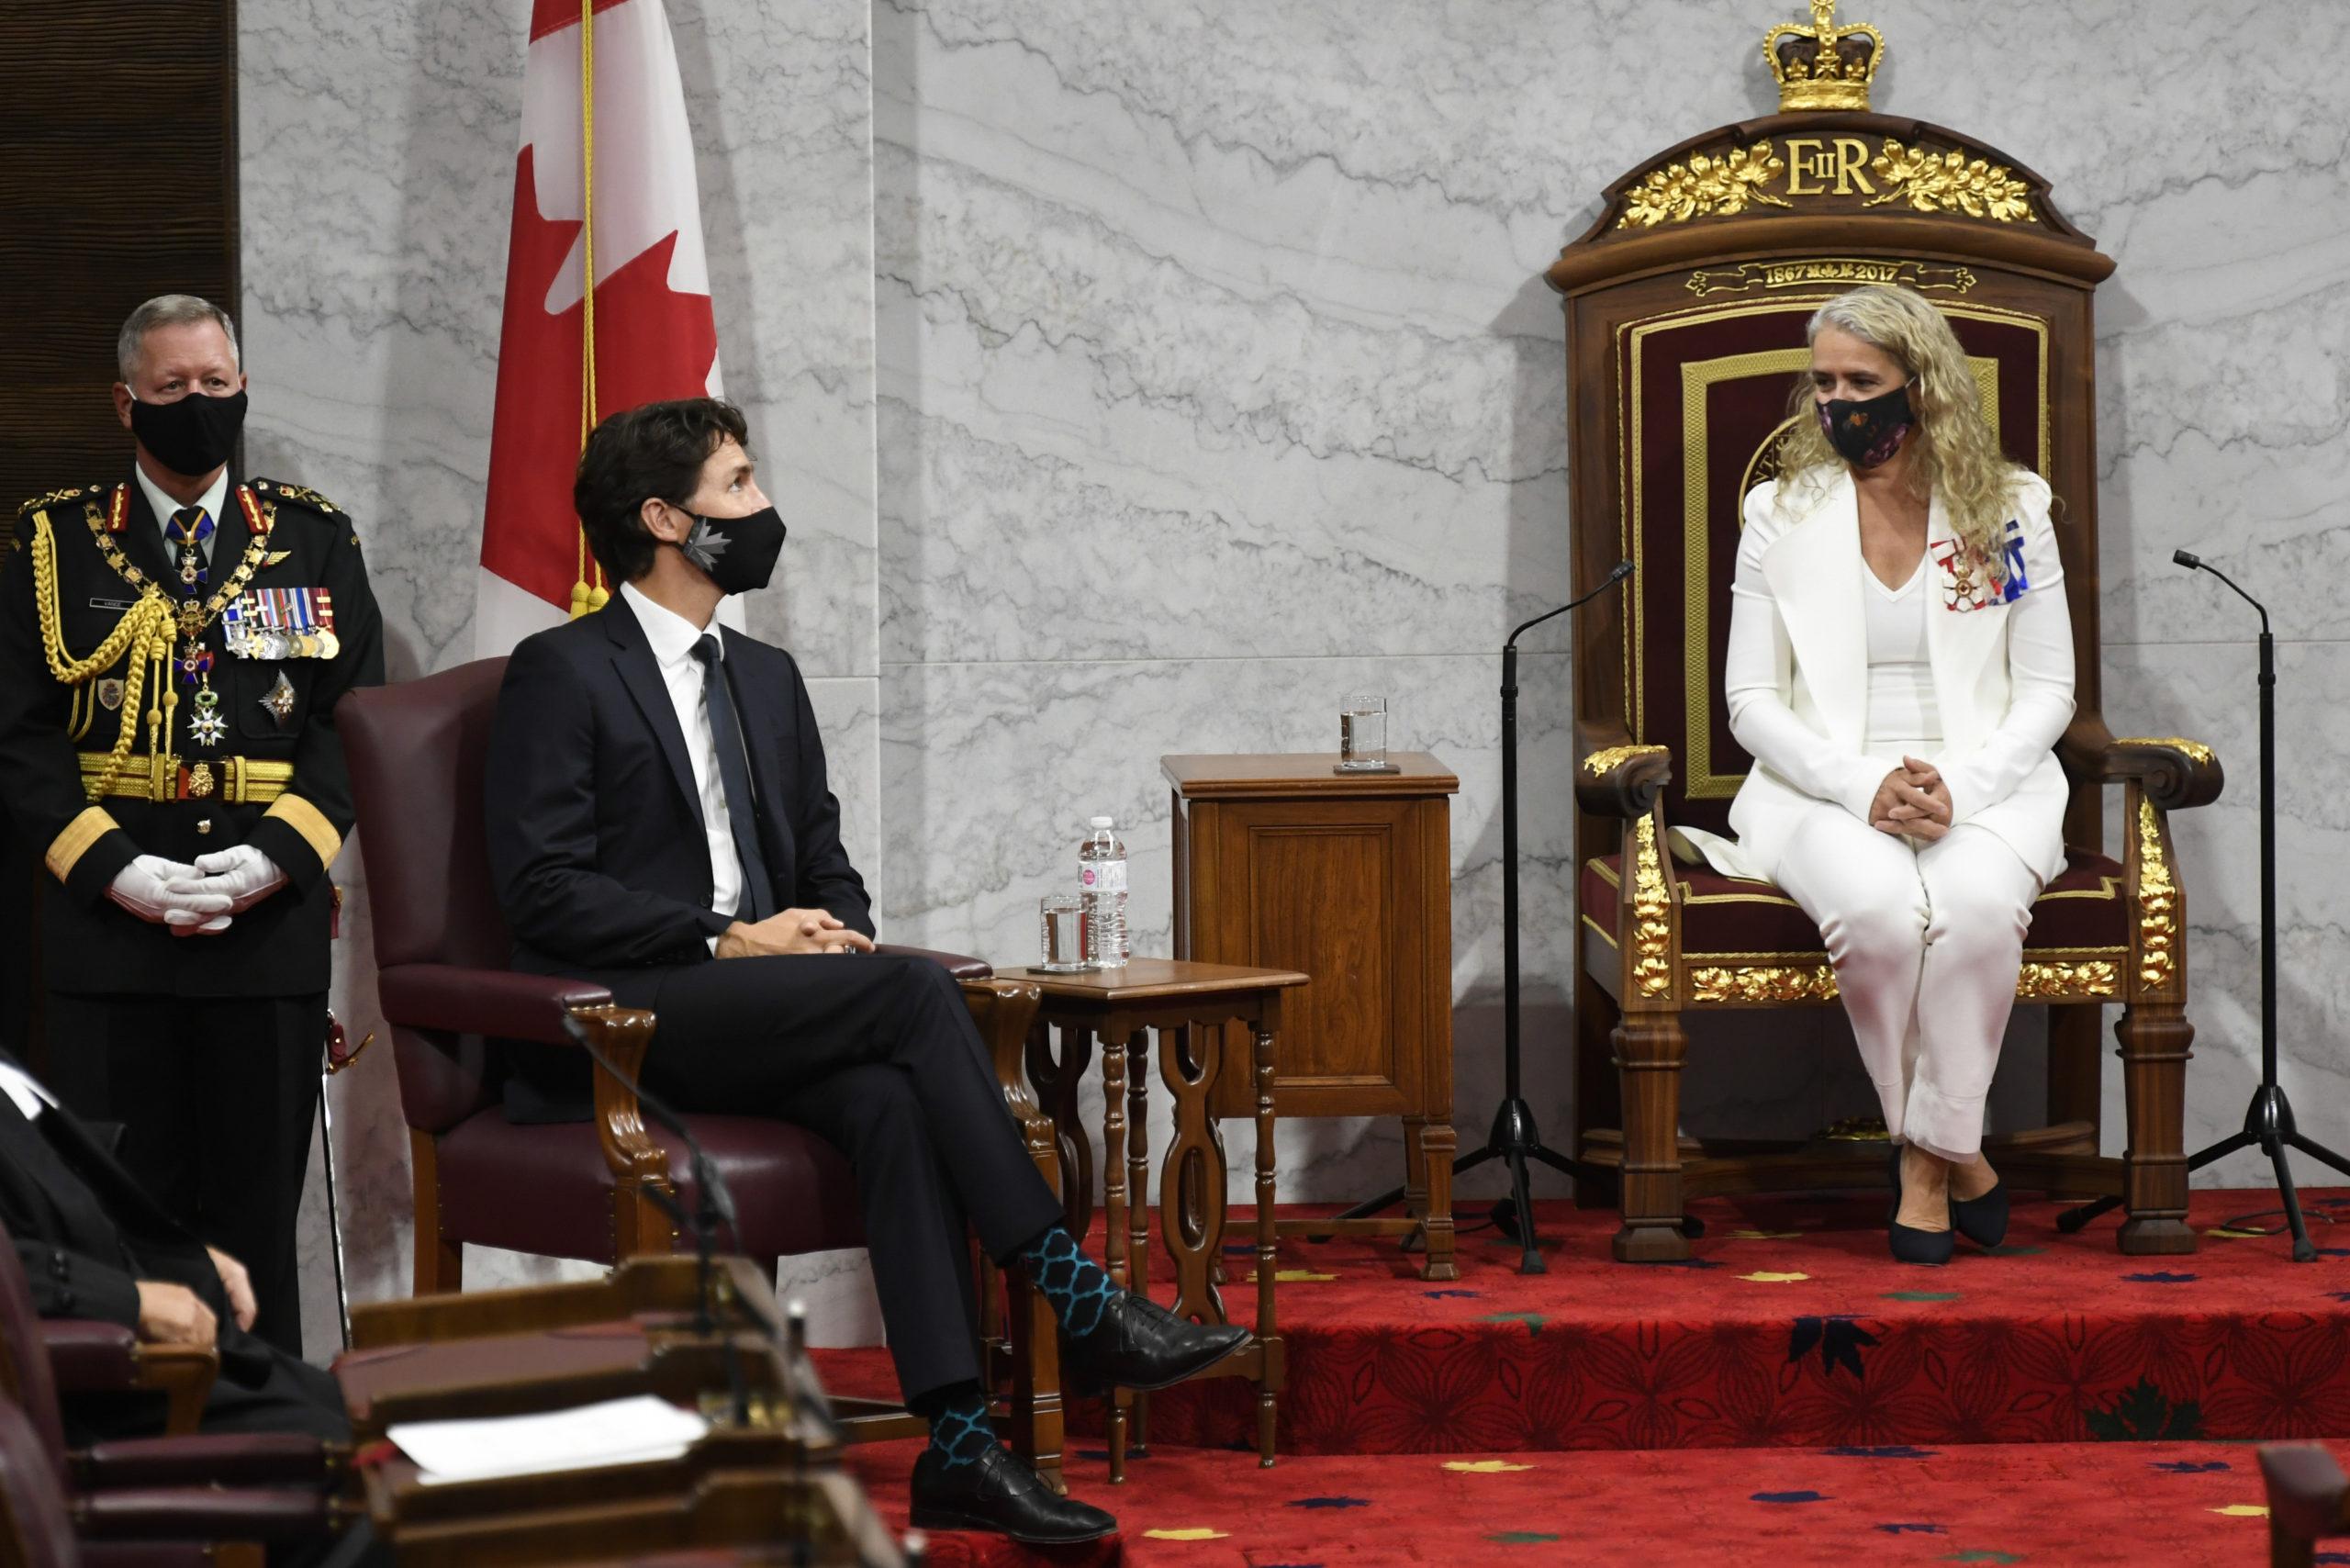 Le premier ministre Justine Trudeau est à la gauche de la Gouverneure Générale, Sylvie Payette. Les deux arborent un masque.